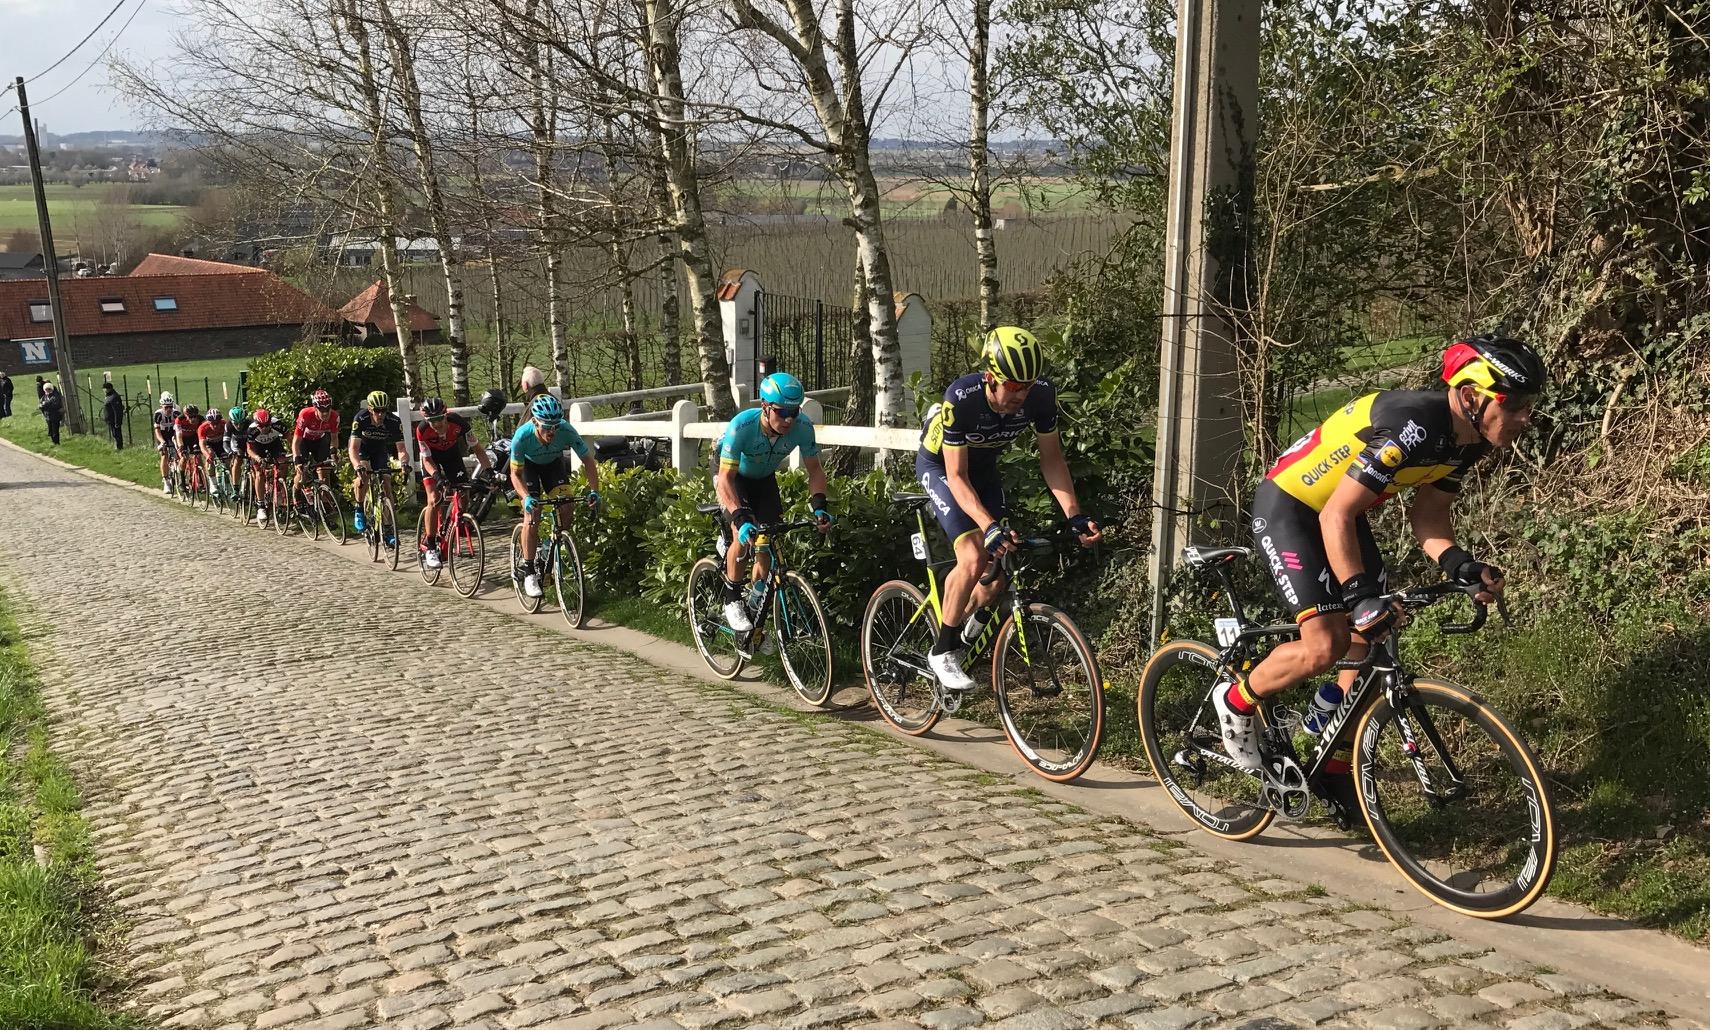 Dwars Vlaanderen 17 - Phil Gilbert attacks the breakaway over the Patersburg cobbles (maximum gradient 20%)